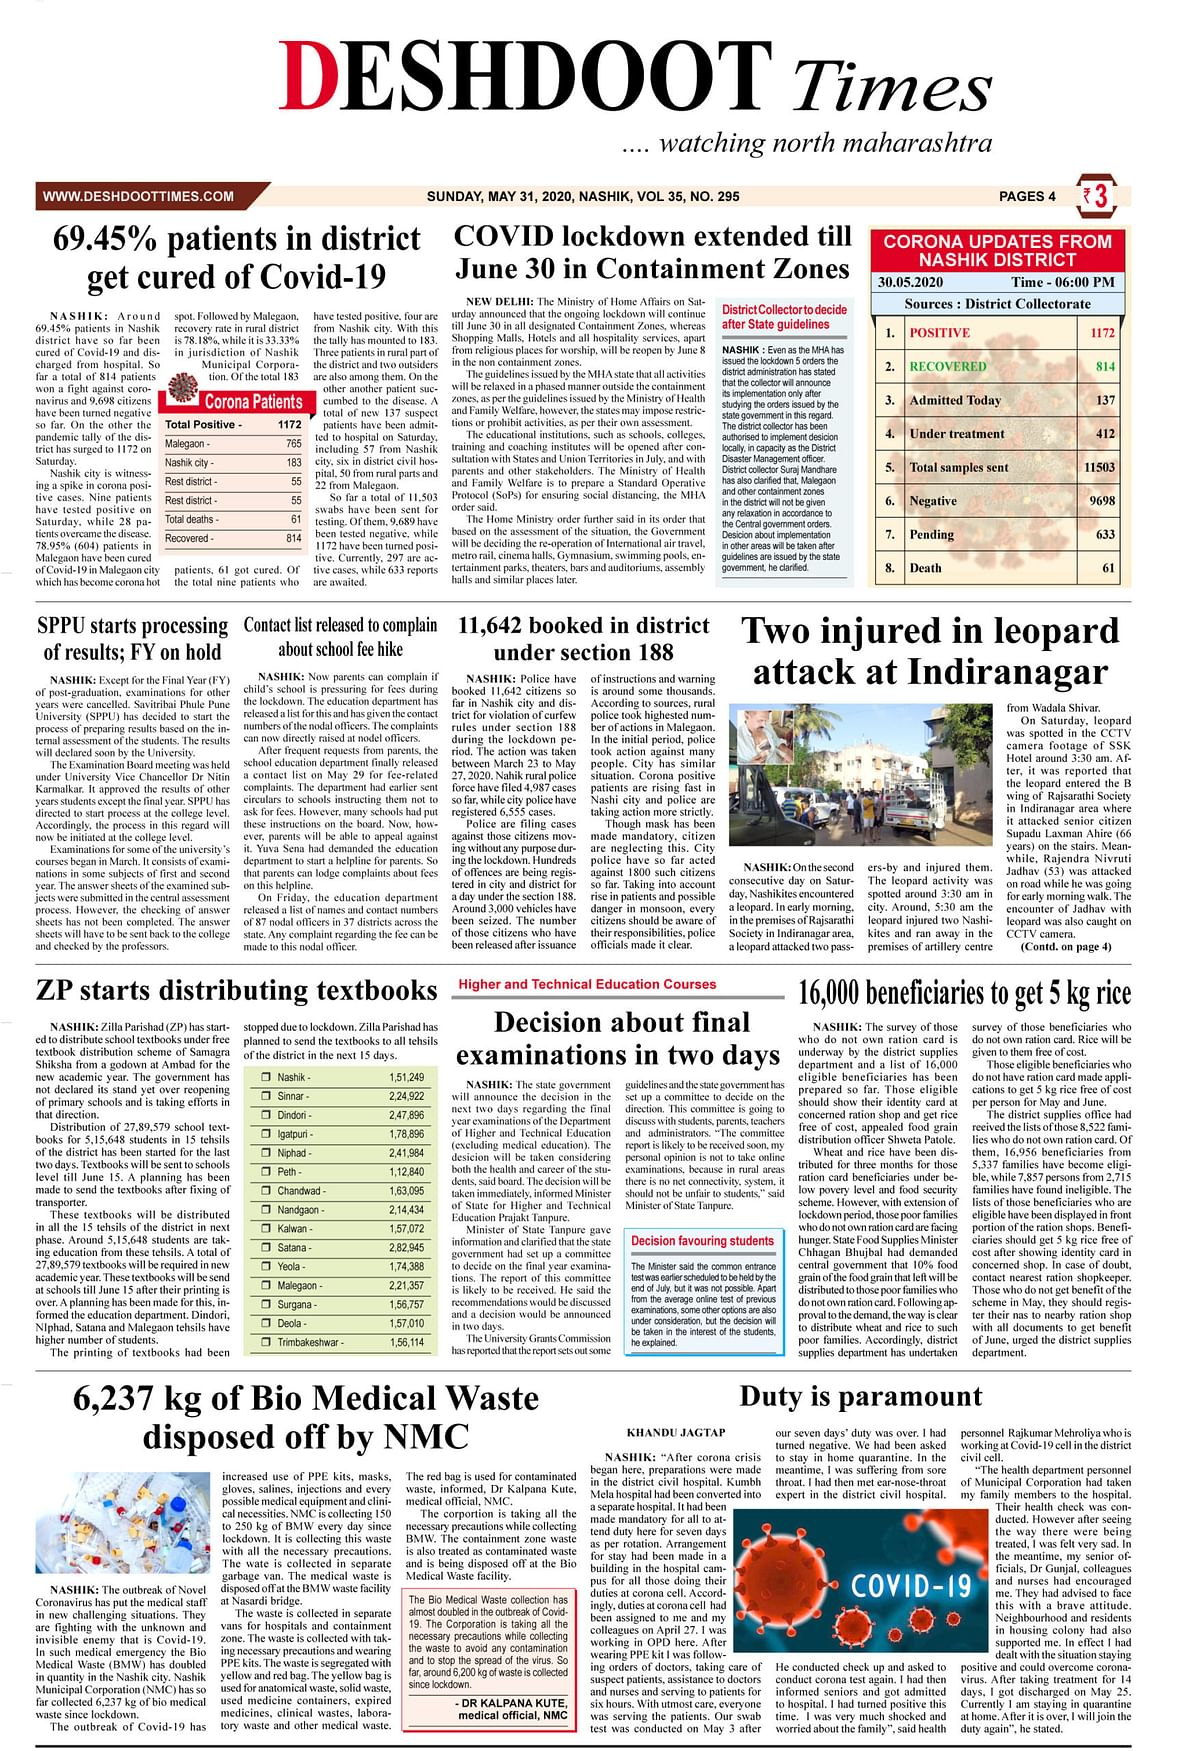 Deshdoot Times E-Paper, 31 May 2020